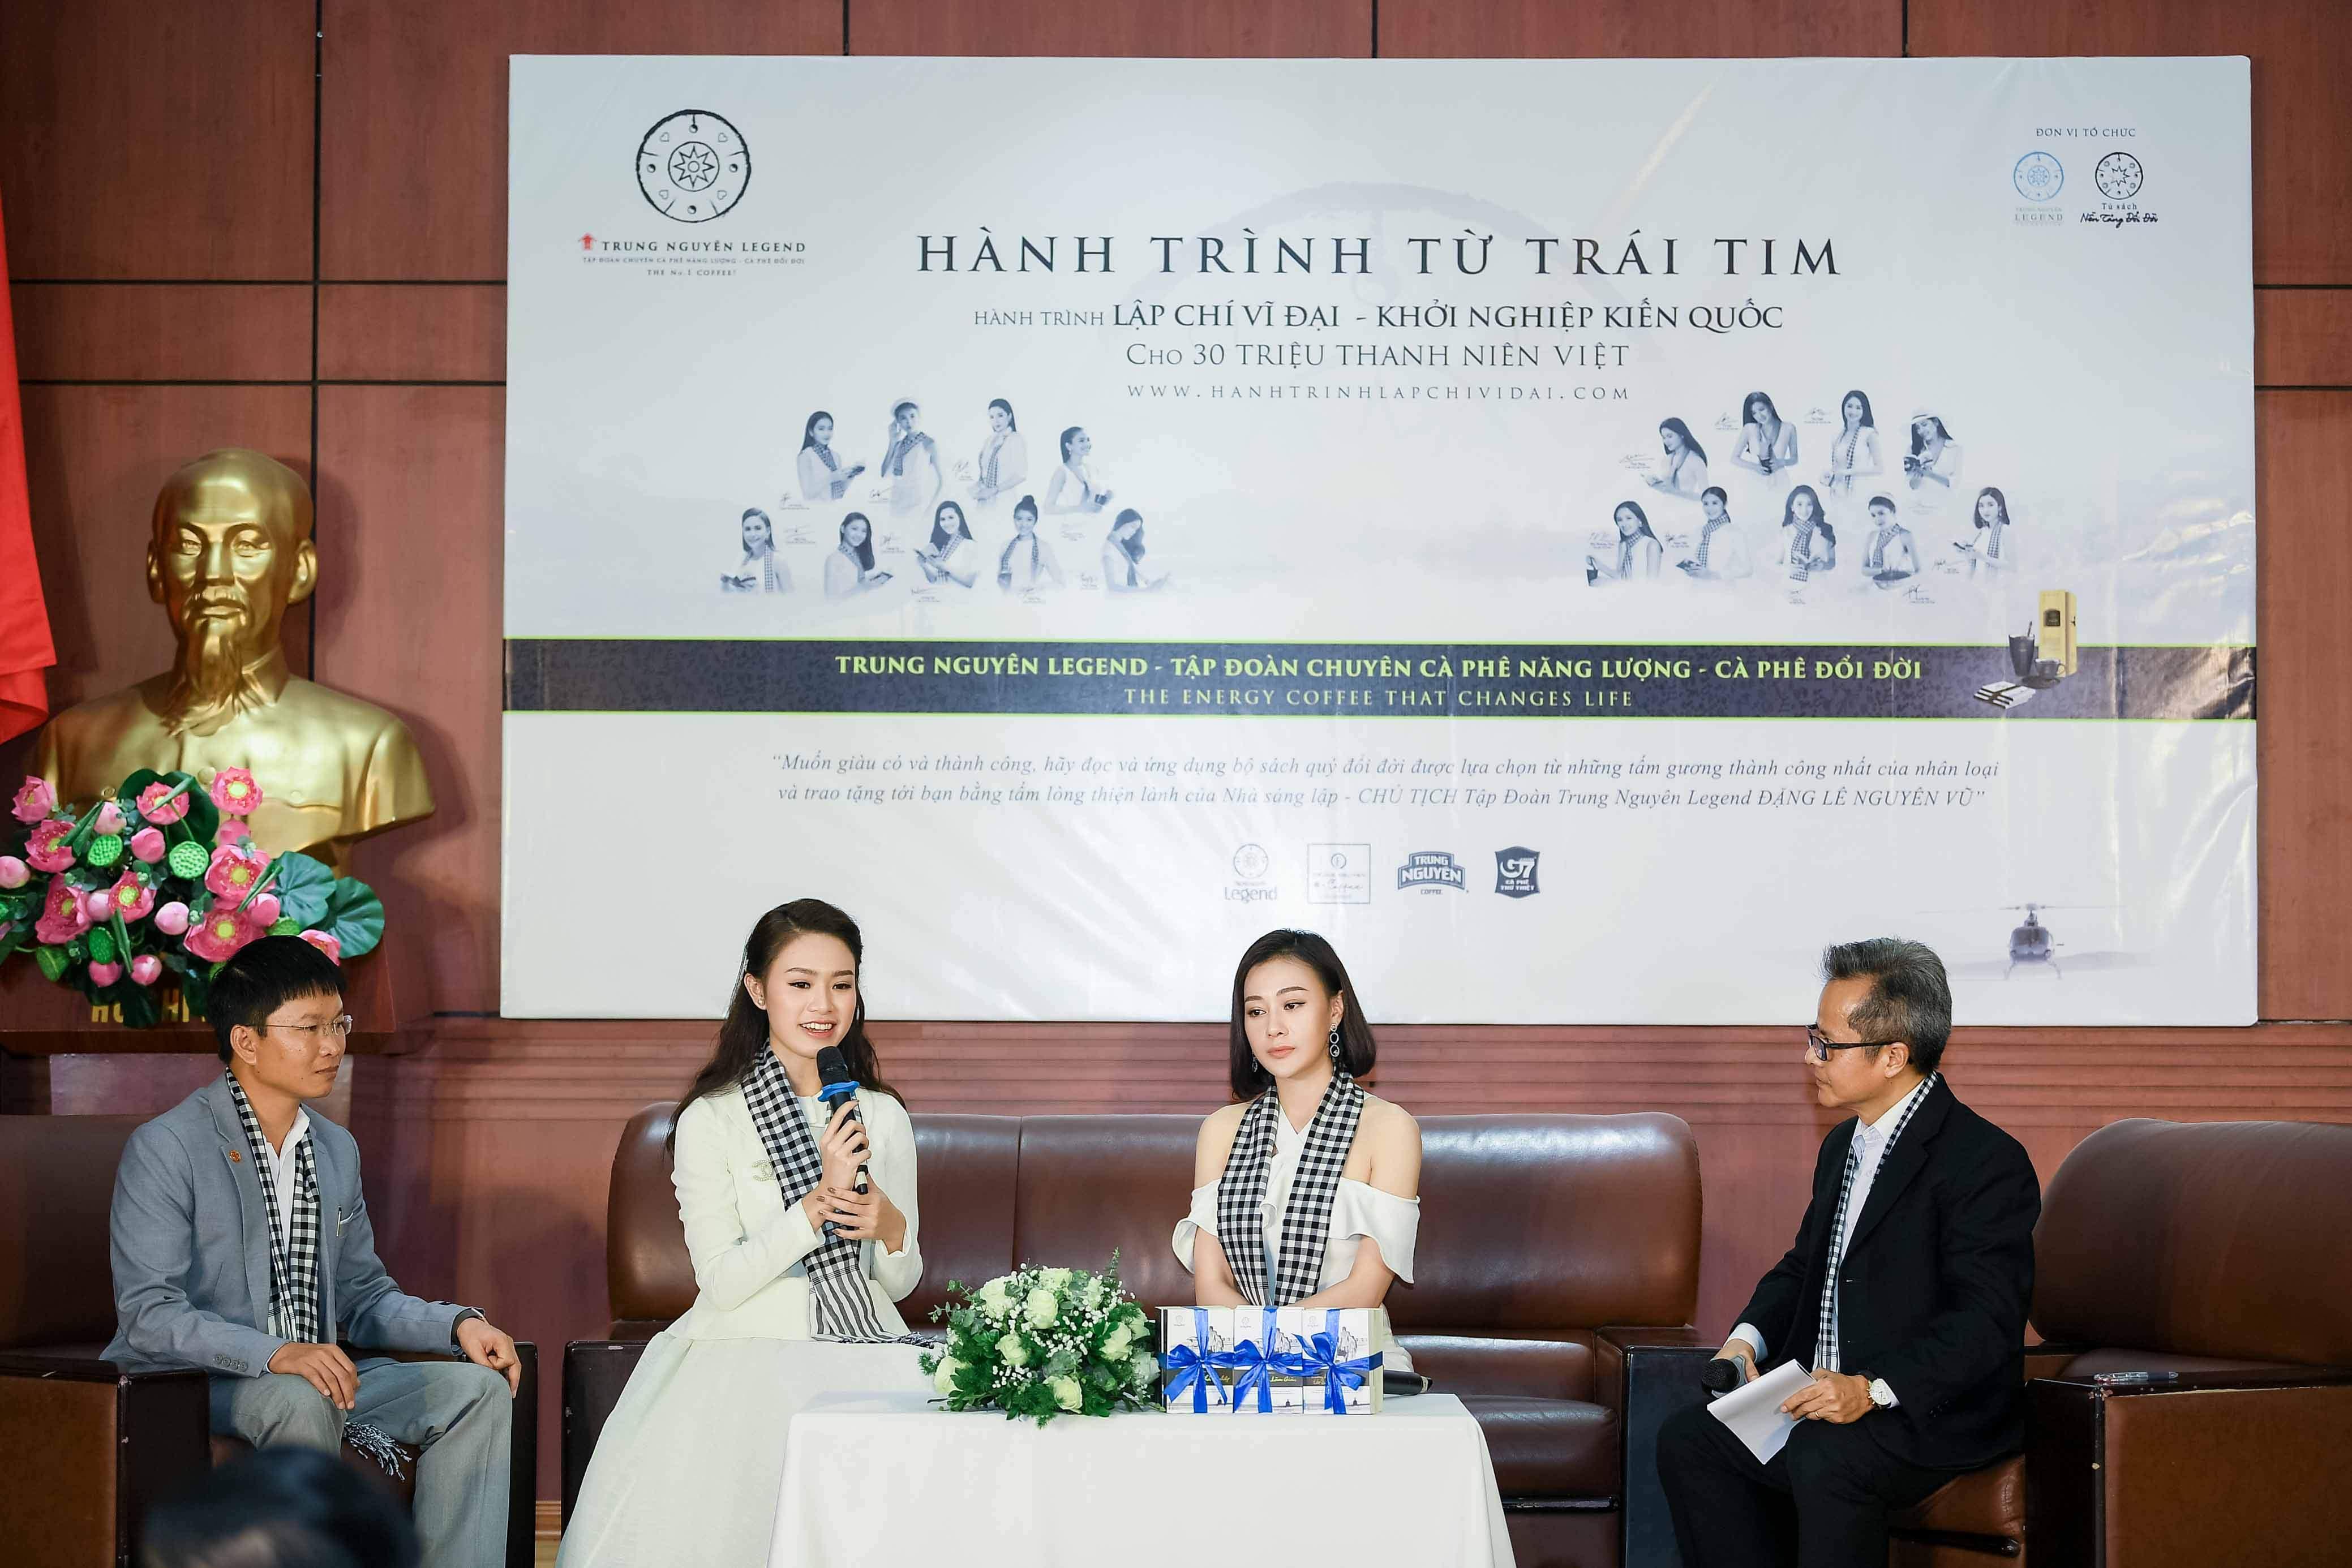 'Quỳnh búp bê' đi sự kiện bằng xế sang của vua cafe Đặng Lê Nguyên Vũ 5